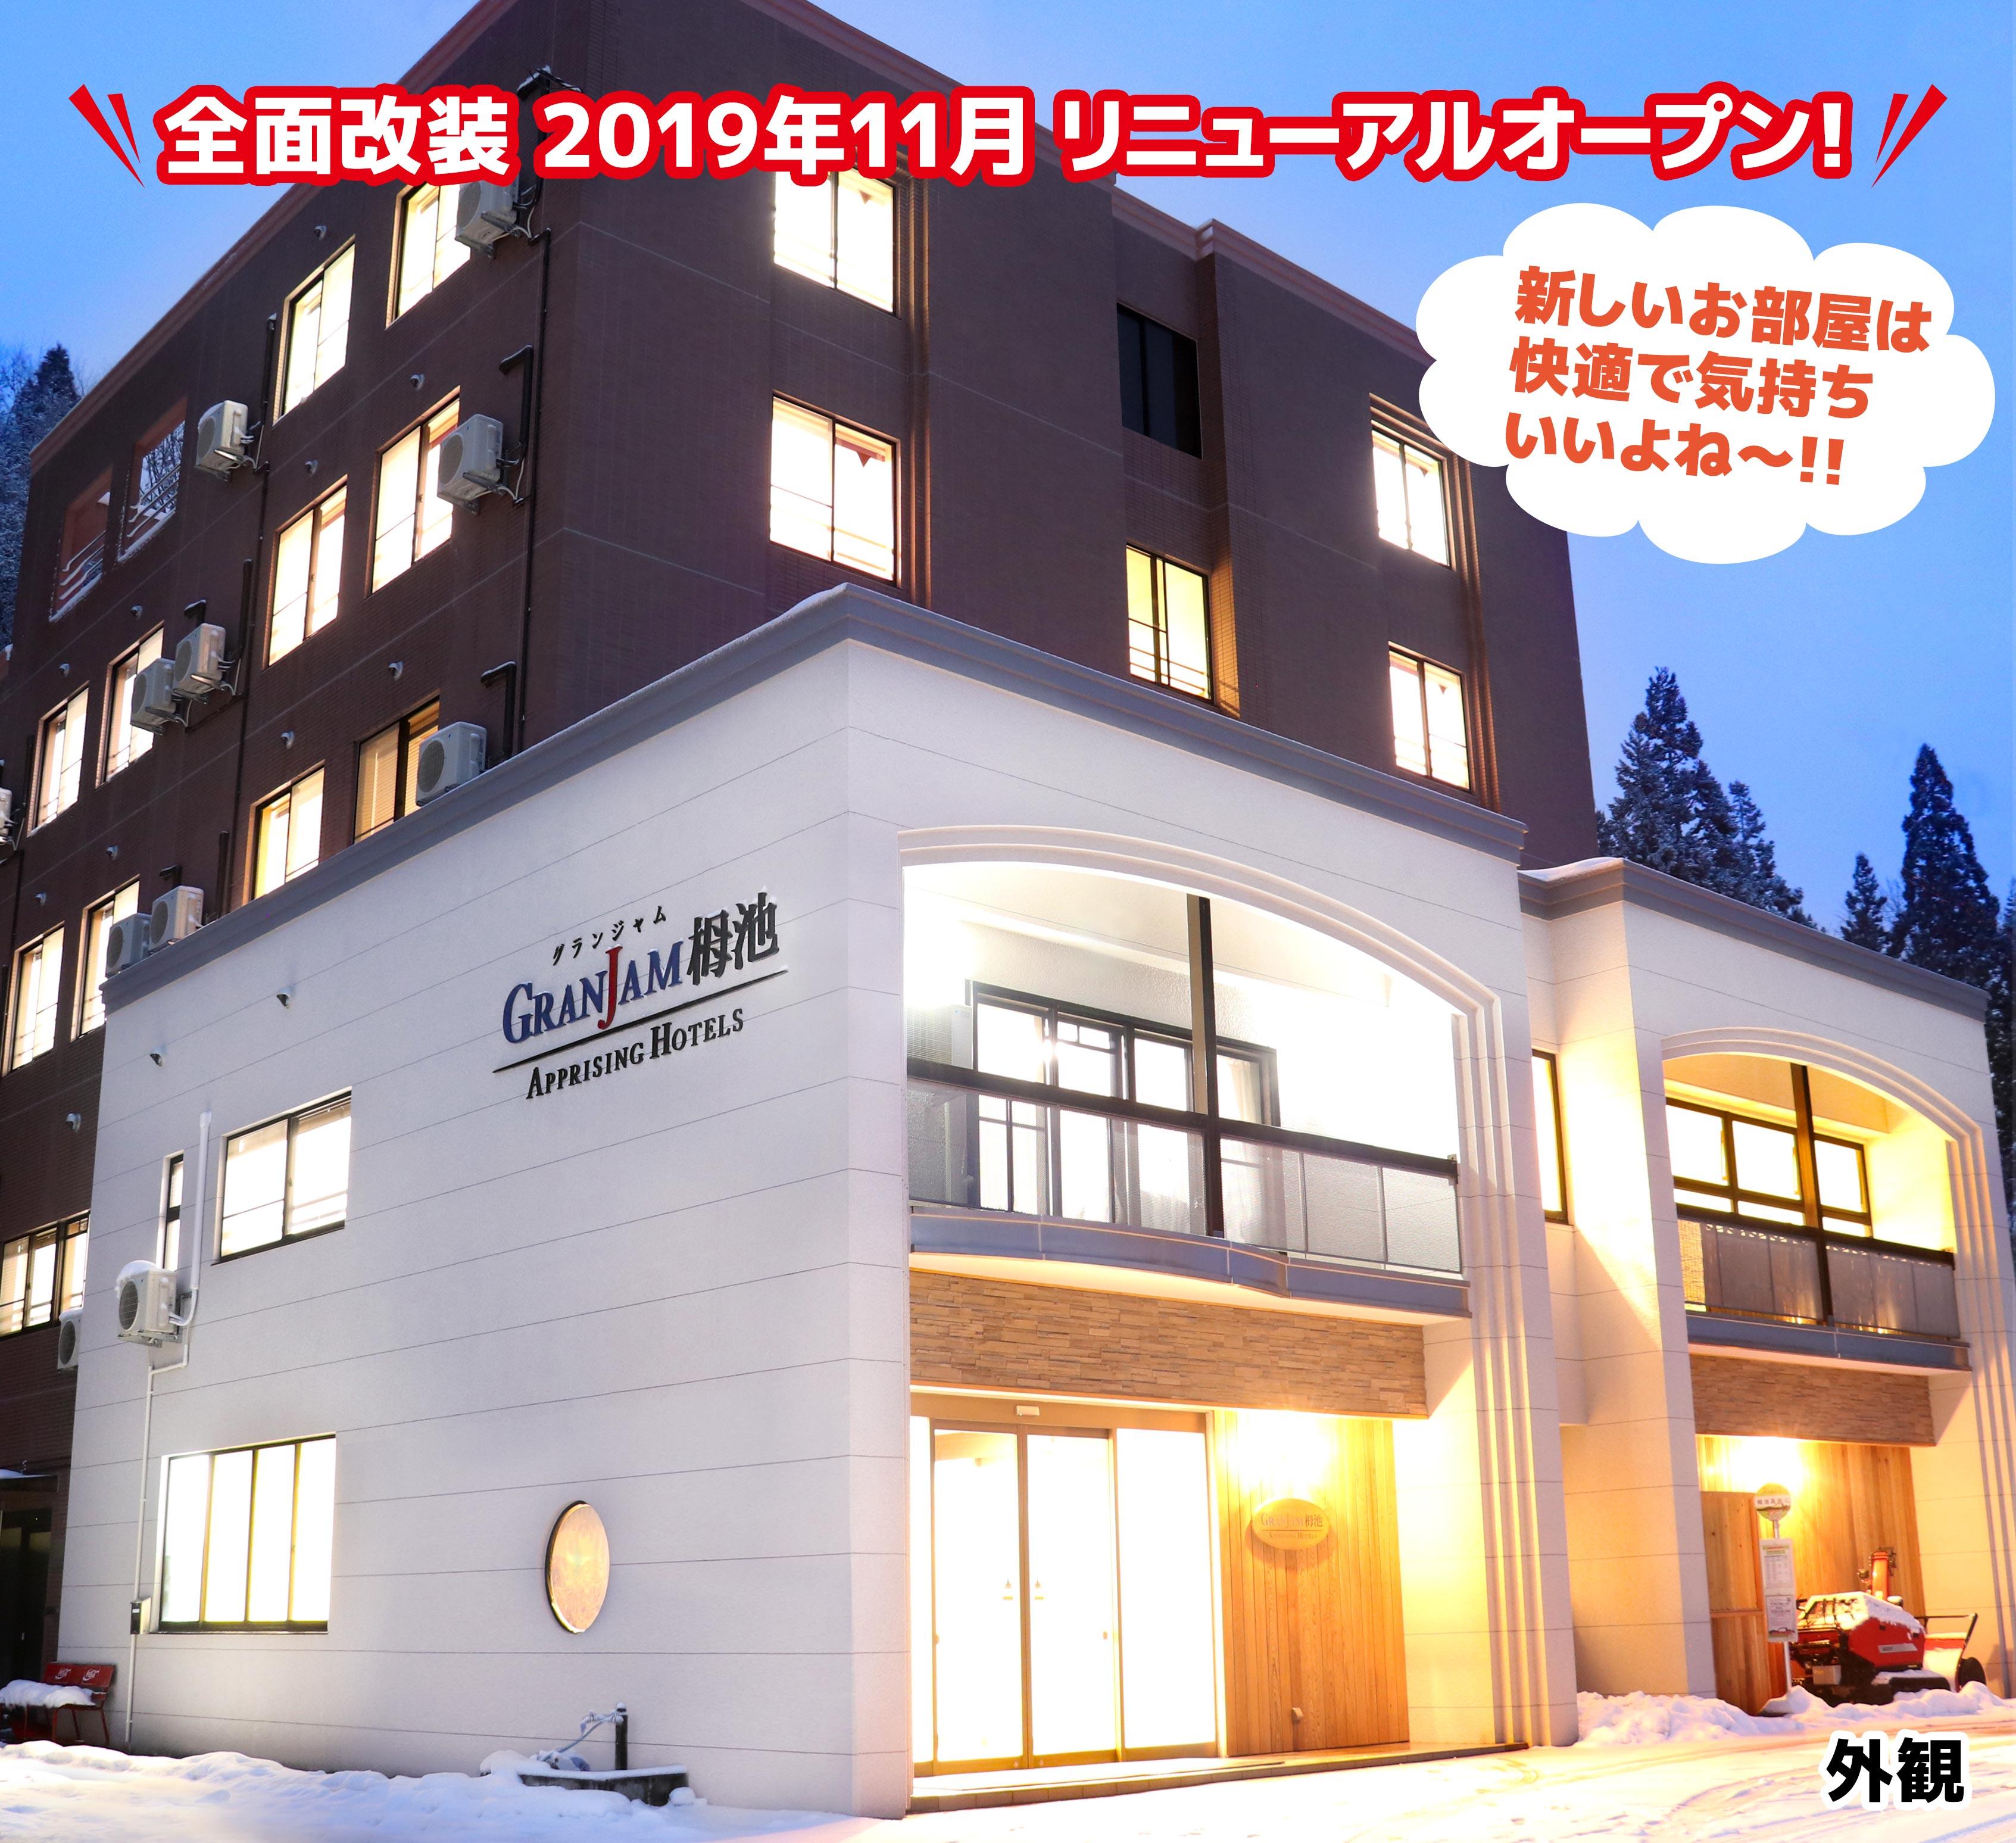 ホテルグランジャム栂池 全面改装 2019年11月 リニューアルオープン!